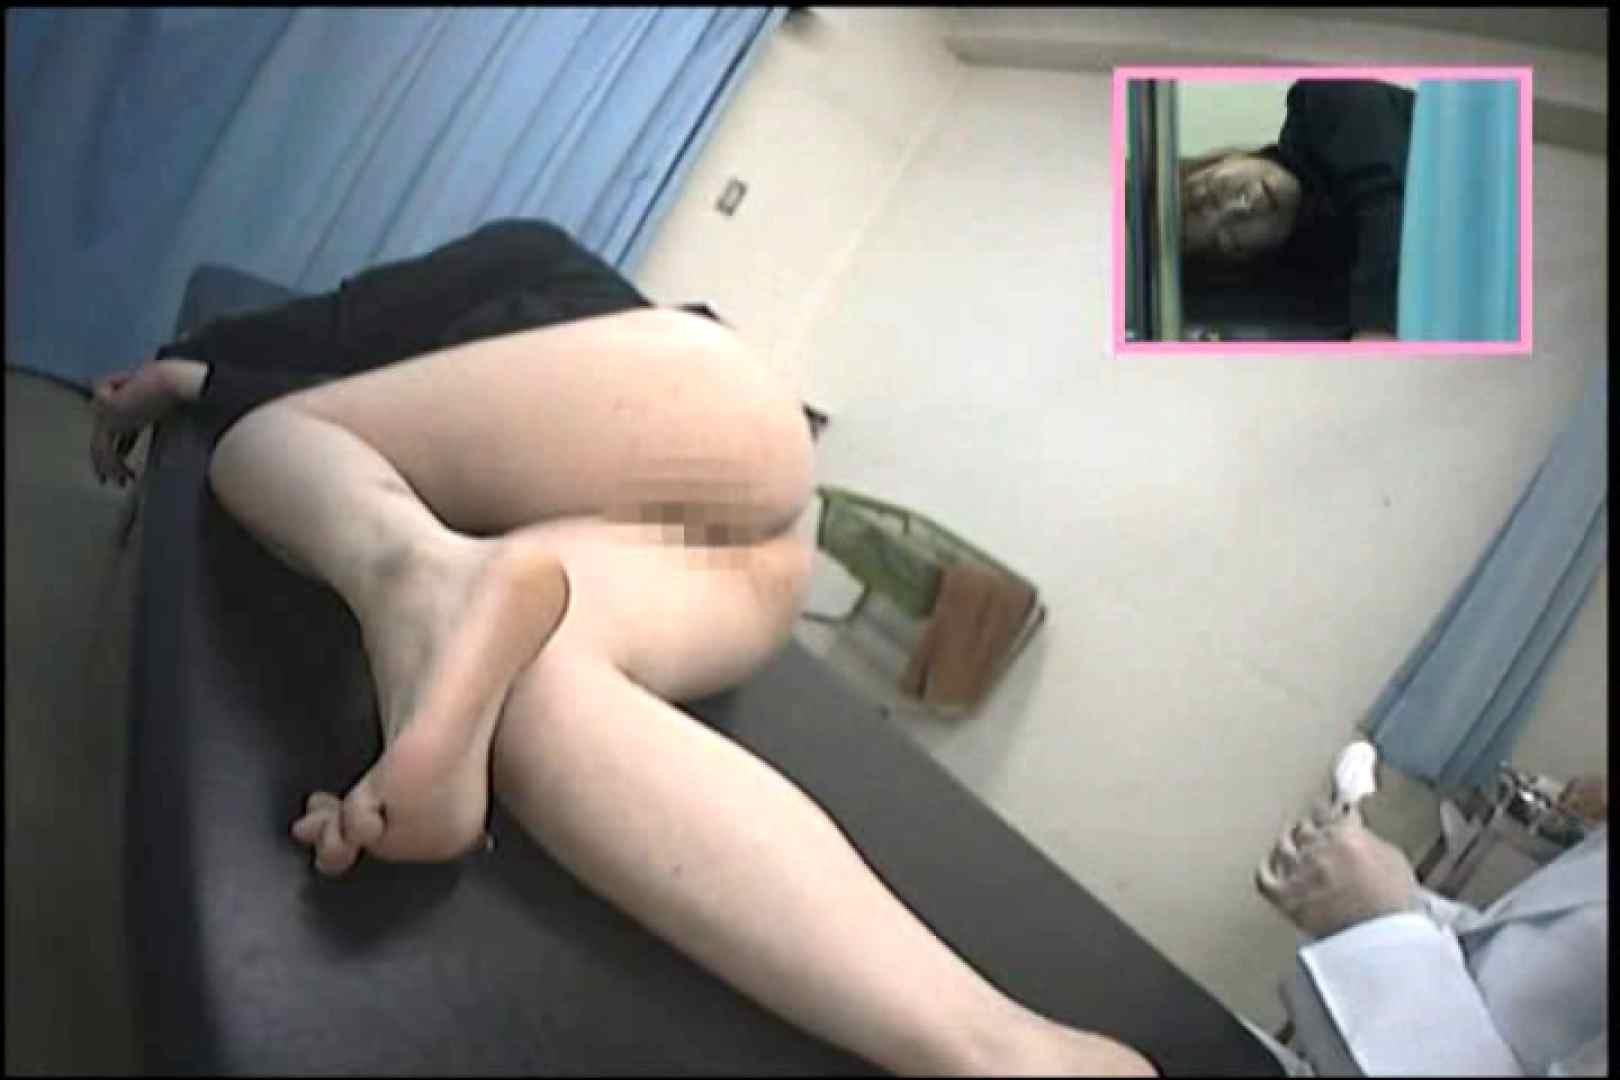 アナルに指を入れられる彼女達の事情Vol.2 アナル エロ無料画像 99PIX 74